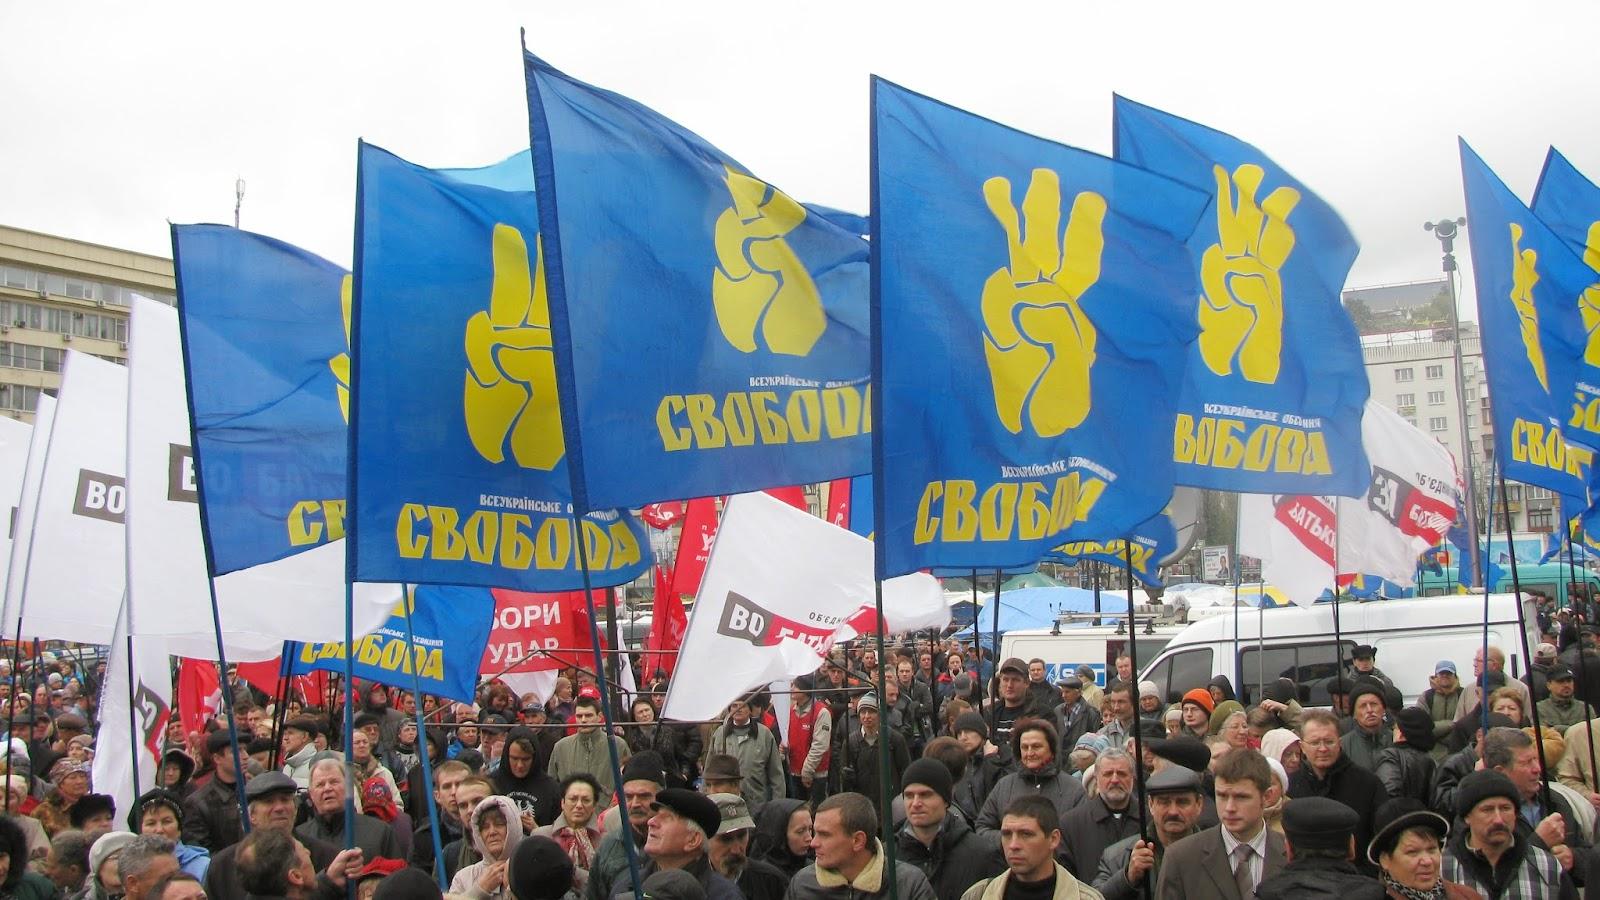 Свободу украини фото 5 фотография